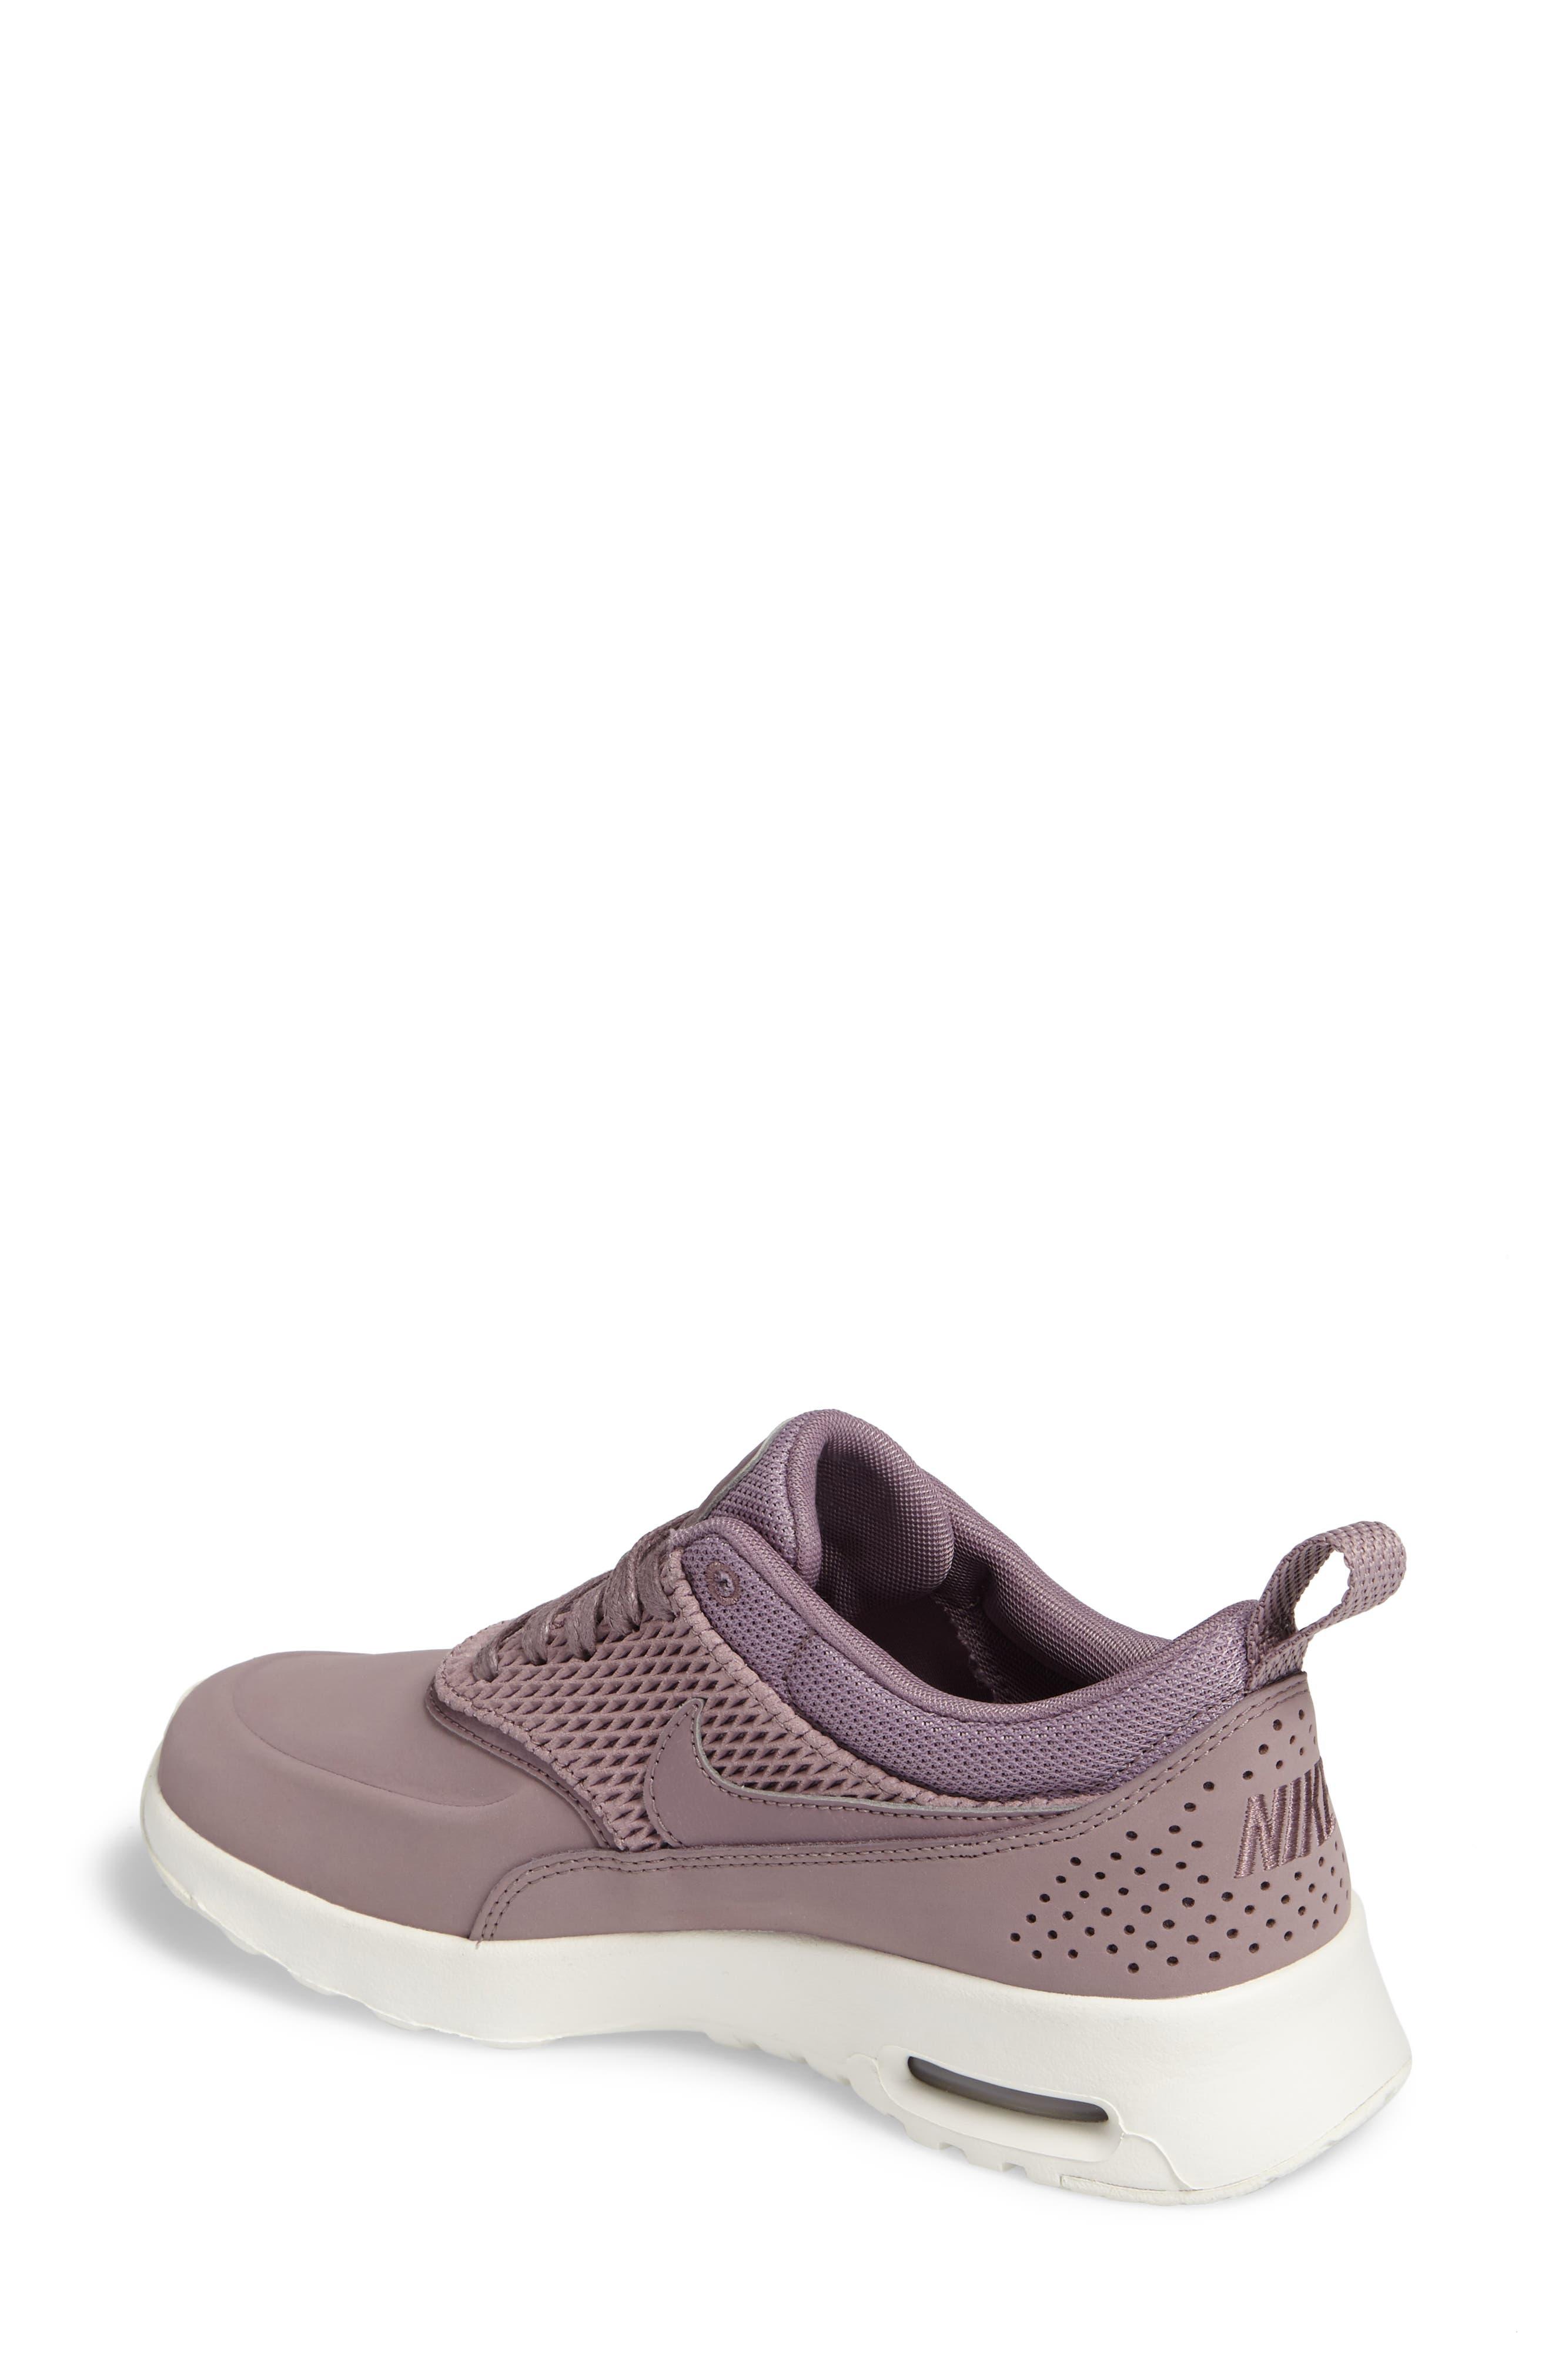 Air Max Thea Premium Sneaker,                             Alternate thumbnail 2, color,                             025